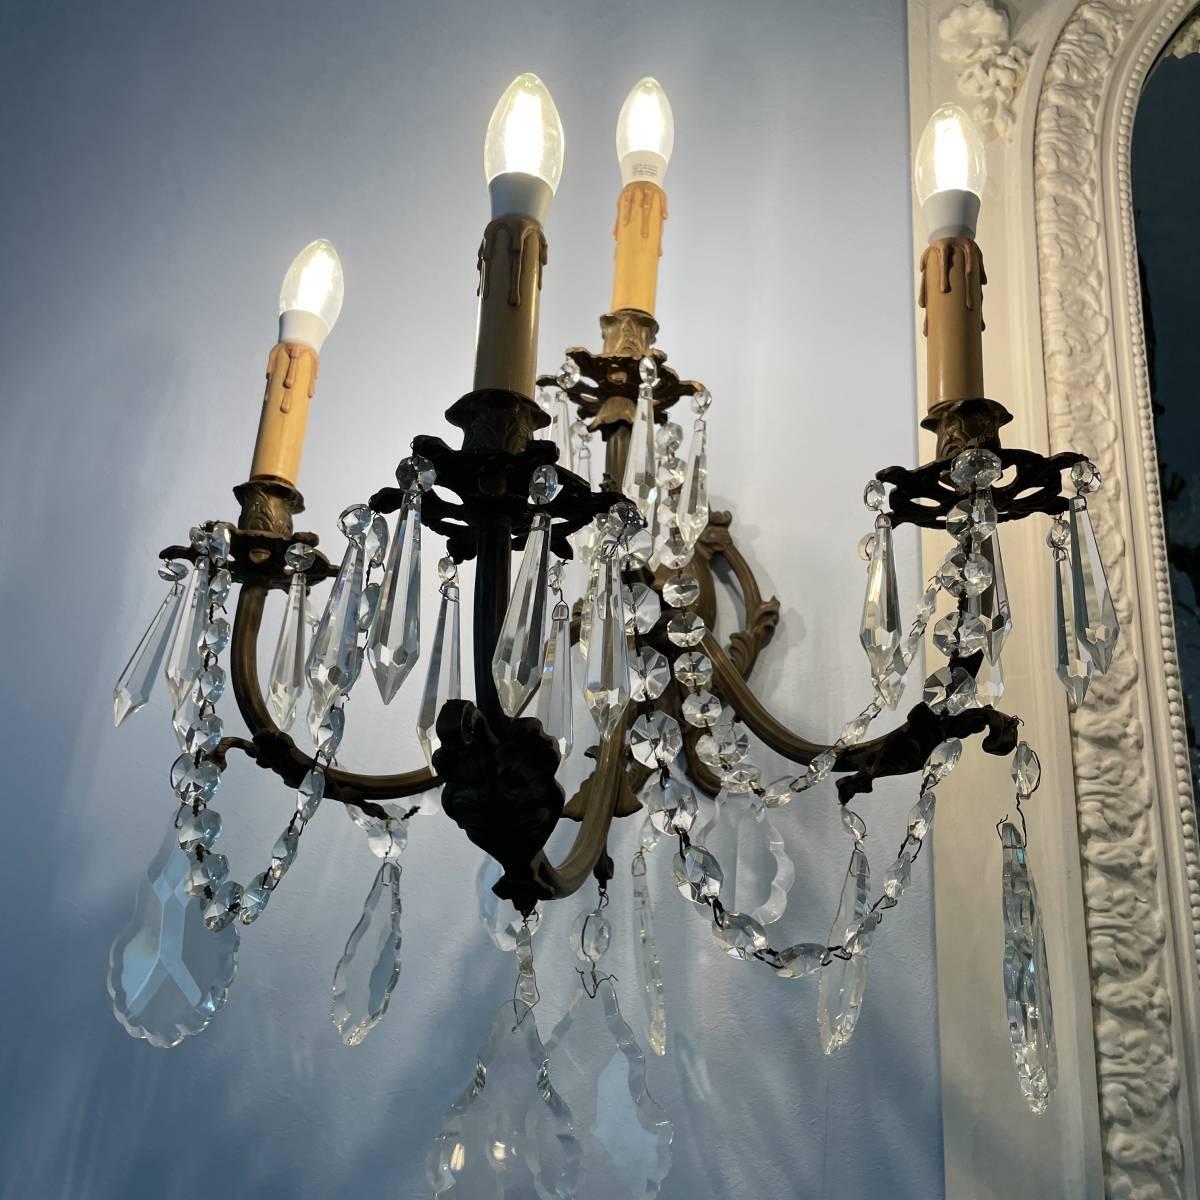 フランスアンティーク ブラケットペア 壁掛け照明 アンティーク照明 アンティークシャンデリア ガラスドロップ 壁掛けシャンデリア _画像3